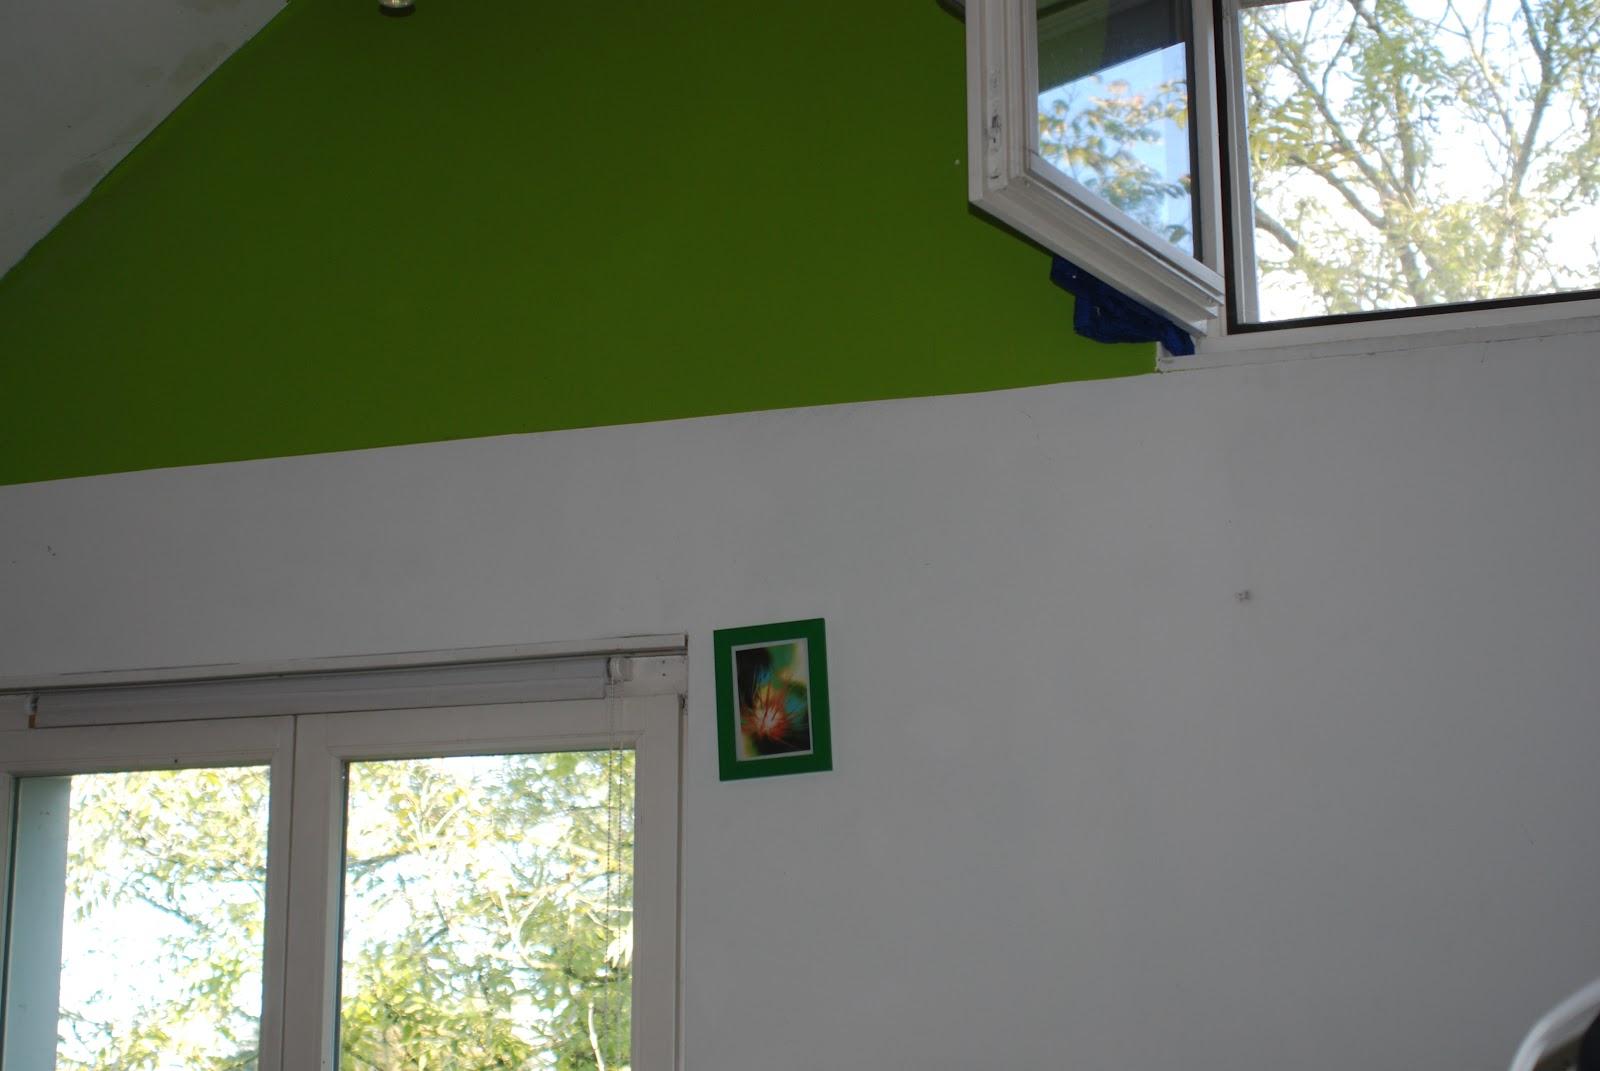 Gartenmalereien wohnen und dekorieren - Dachfenster dekorieren ...